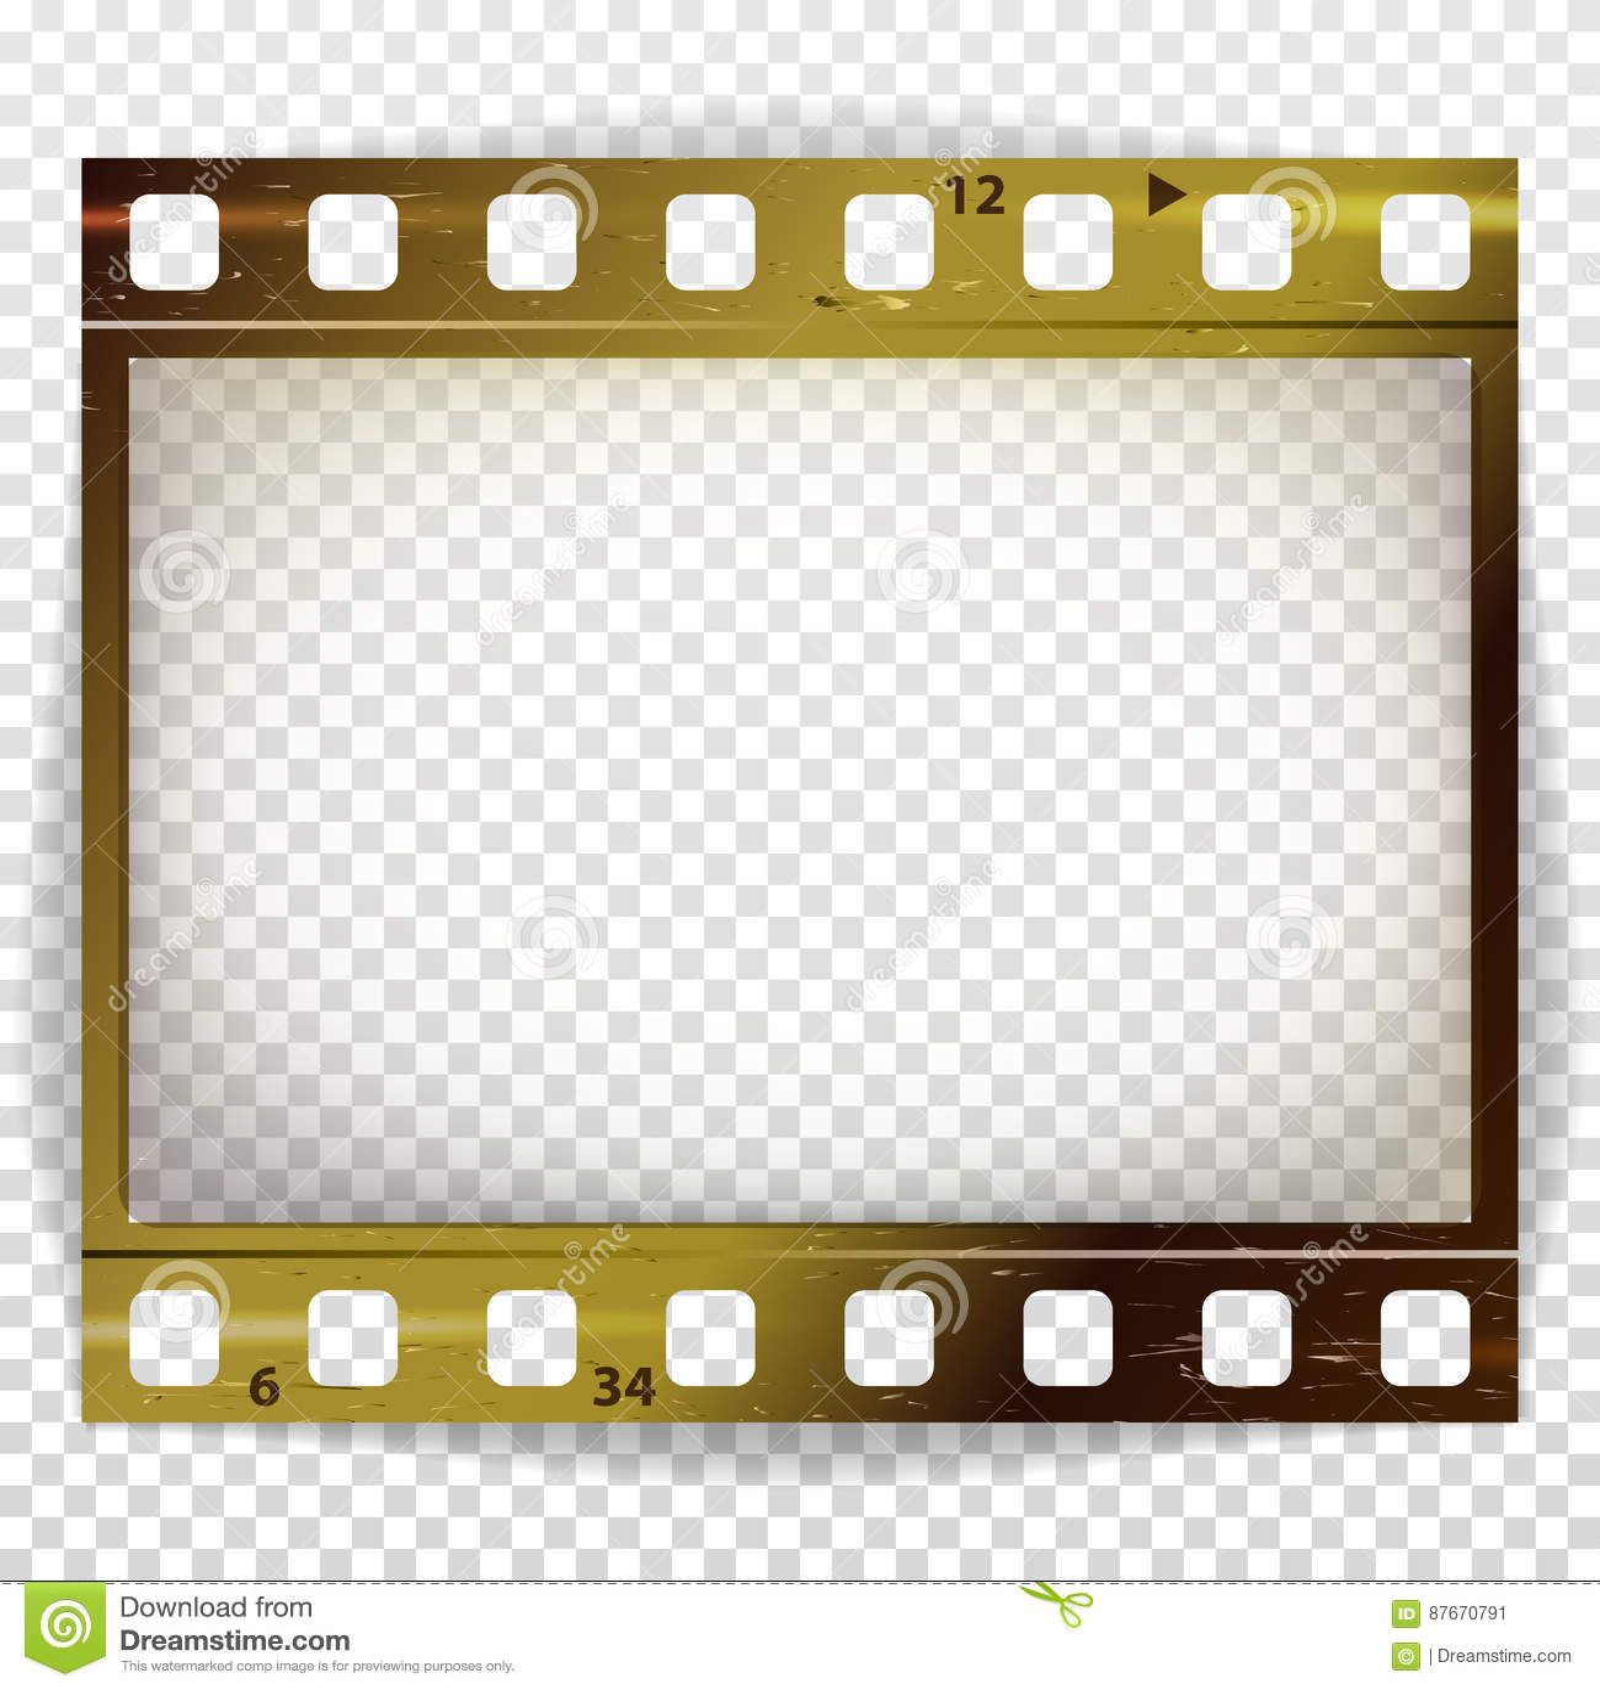 Vector de la tira de la película Cine del espacio en blanco de la tira del marco de la foto rasguñado aislado en fondo transparen